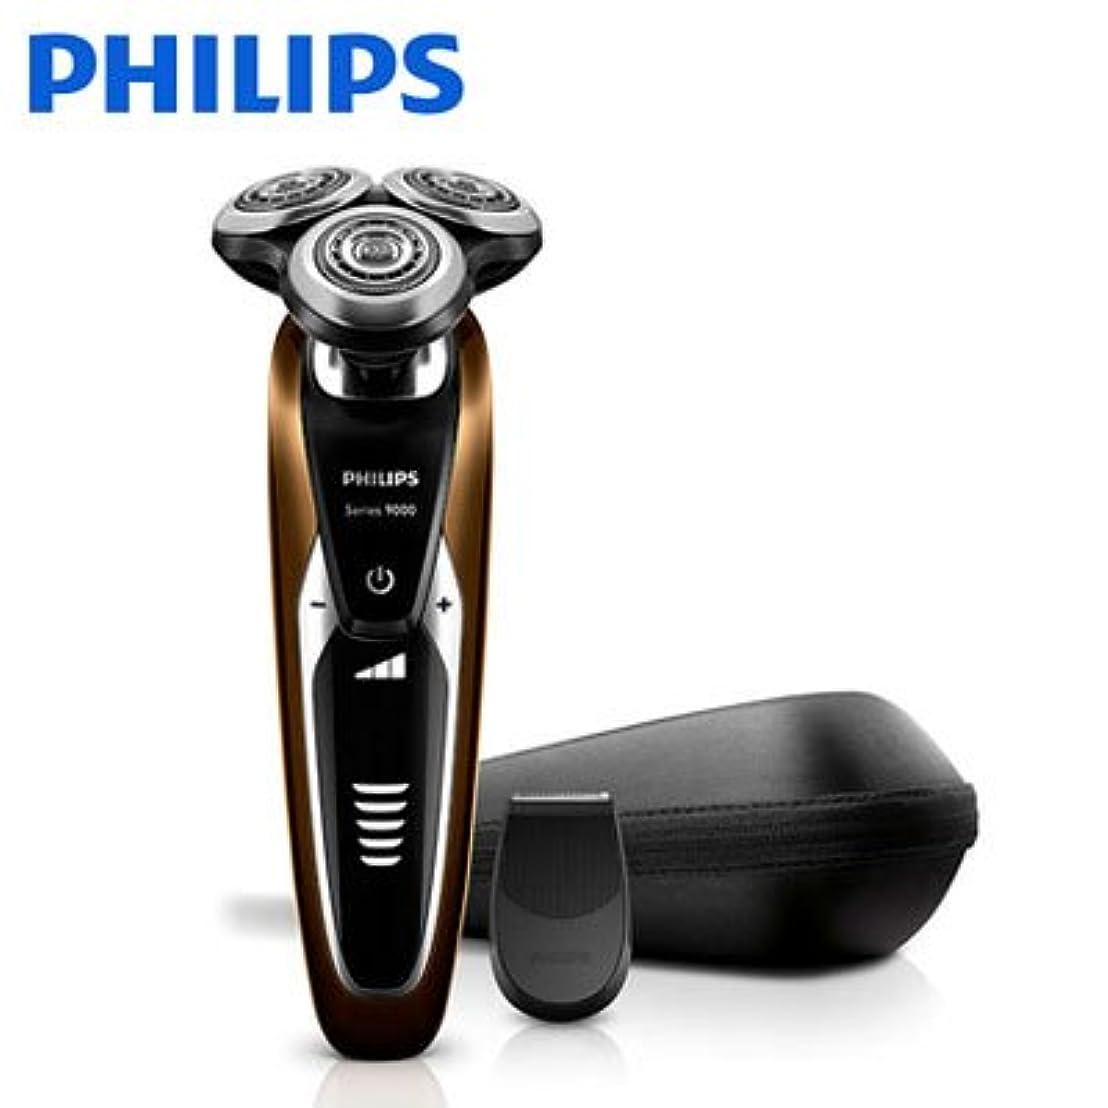 先に絶望的なイブフィリップス メンズシェーバーPHILIPS 9000シリーズ ウェット&ドライ S9512/12